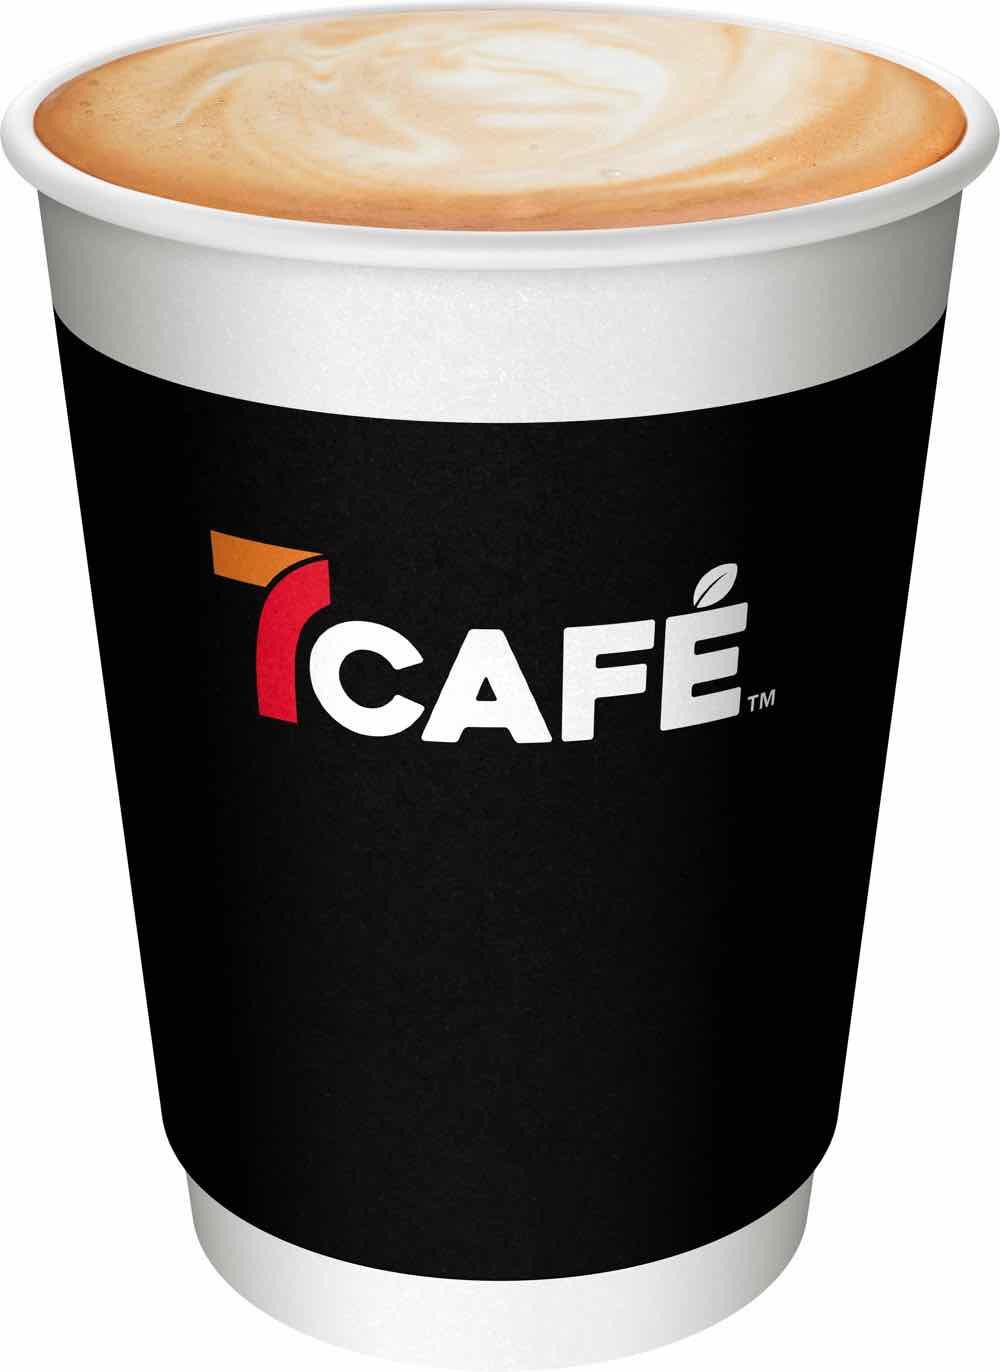 7CAFÉ初秋新口味「 肉桂蘋果味鮮奶咖啡 」 肉桂香配天然蘋果汁啖啖香甜